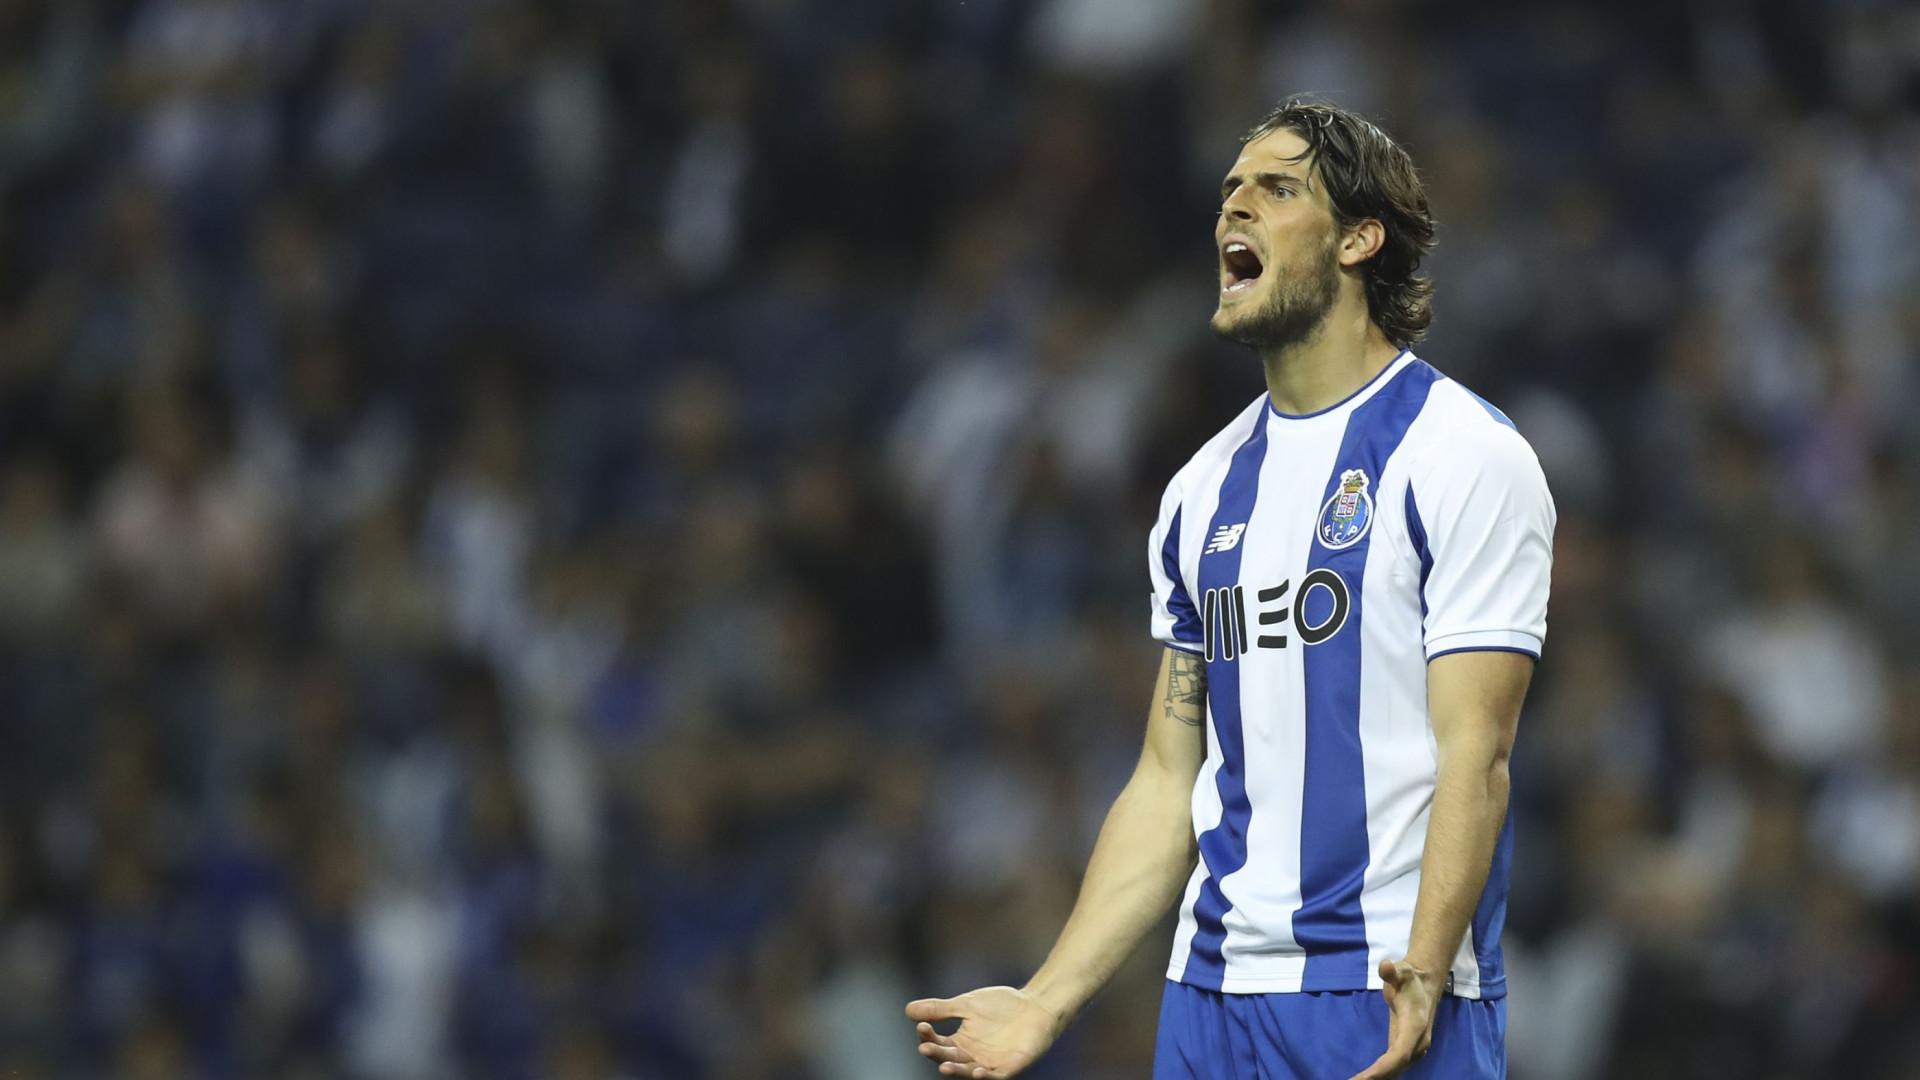 Gonçalo Paciência despede-se dos adeptos do FC Porto com mensagem emotiva